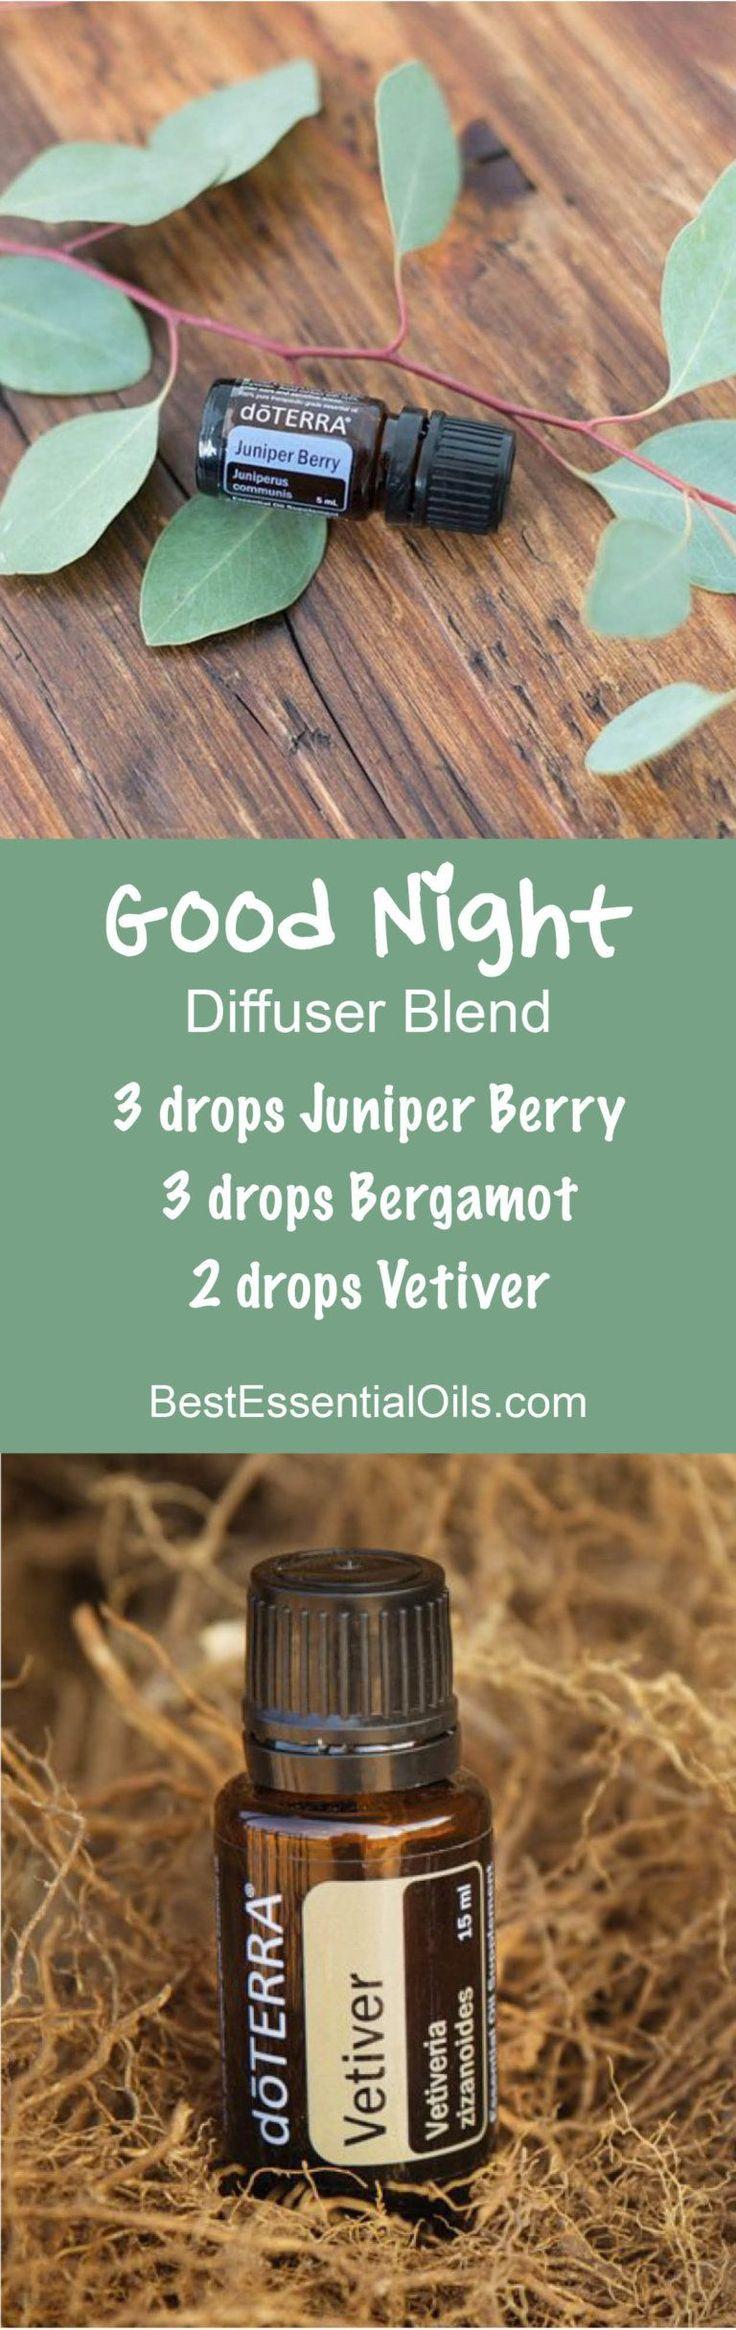 Good Night doTERRA Diffuser Blend